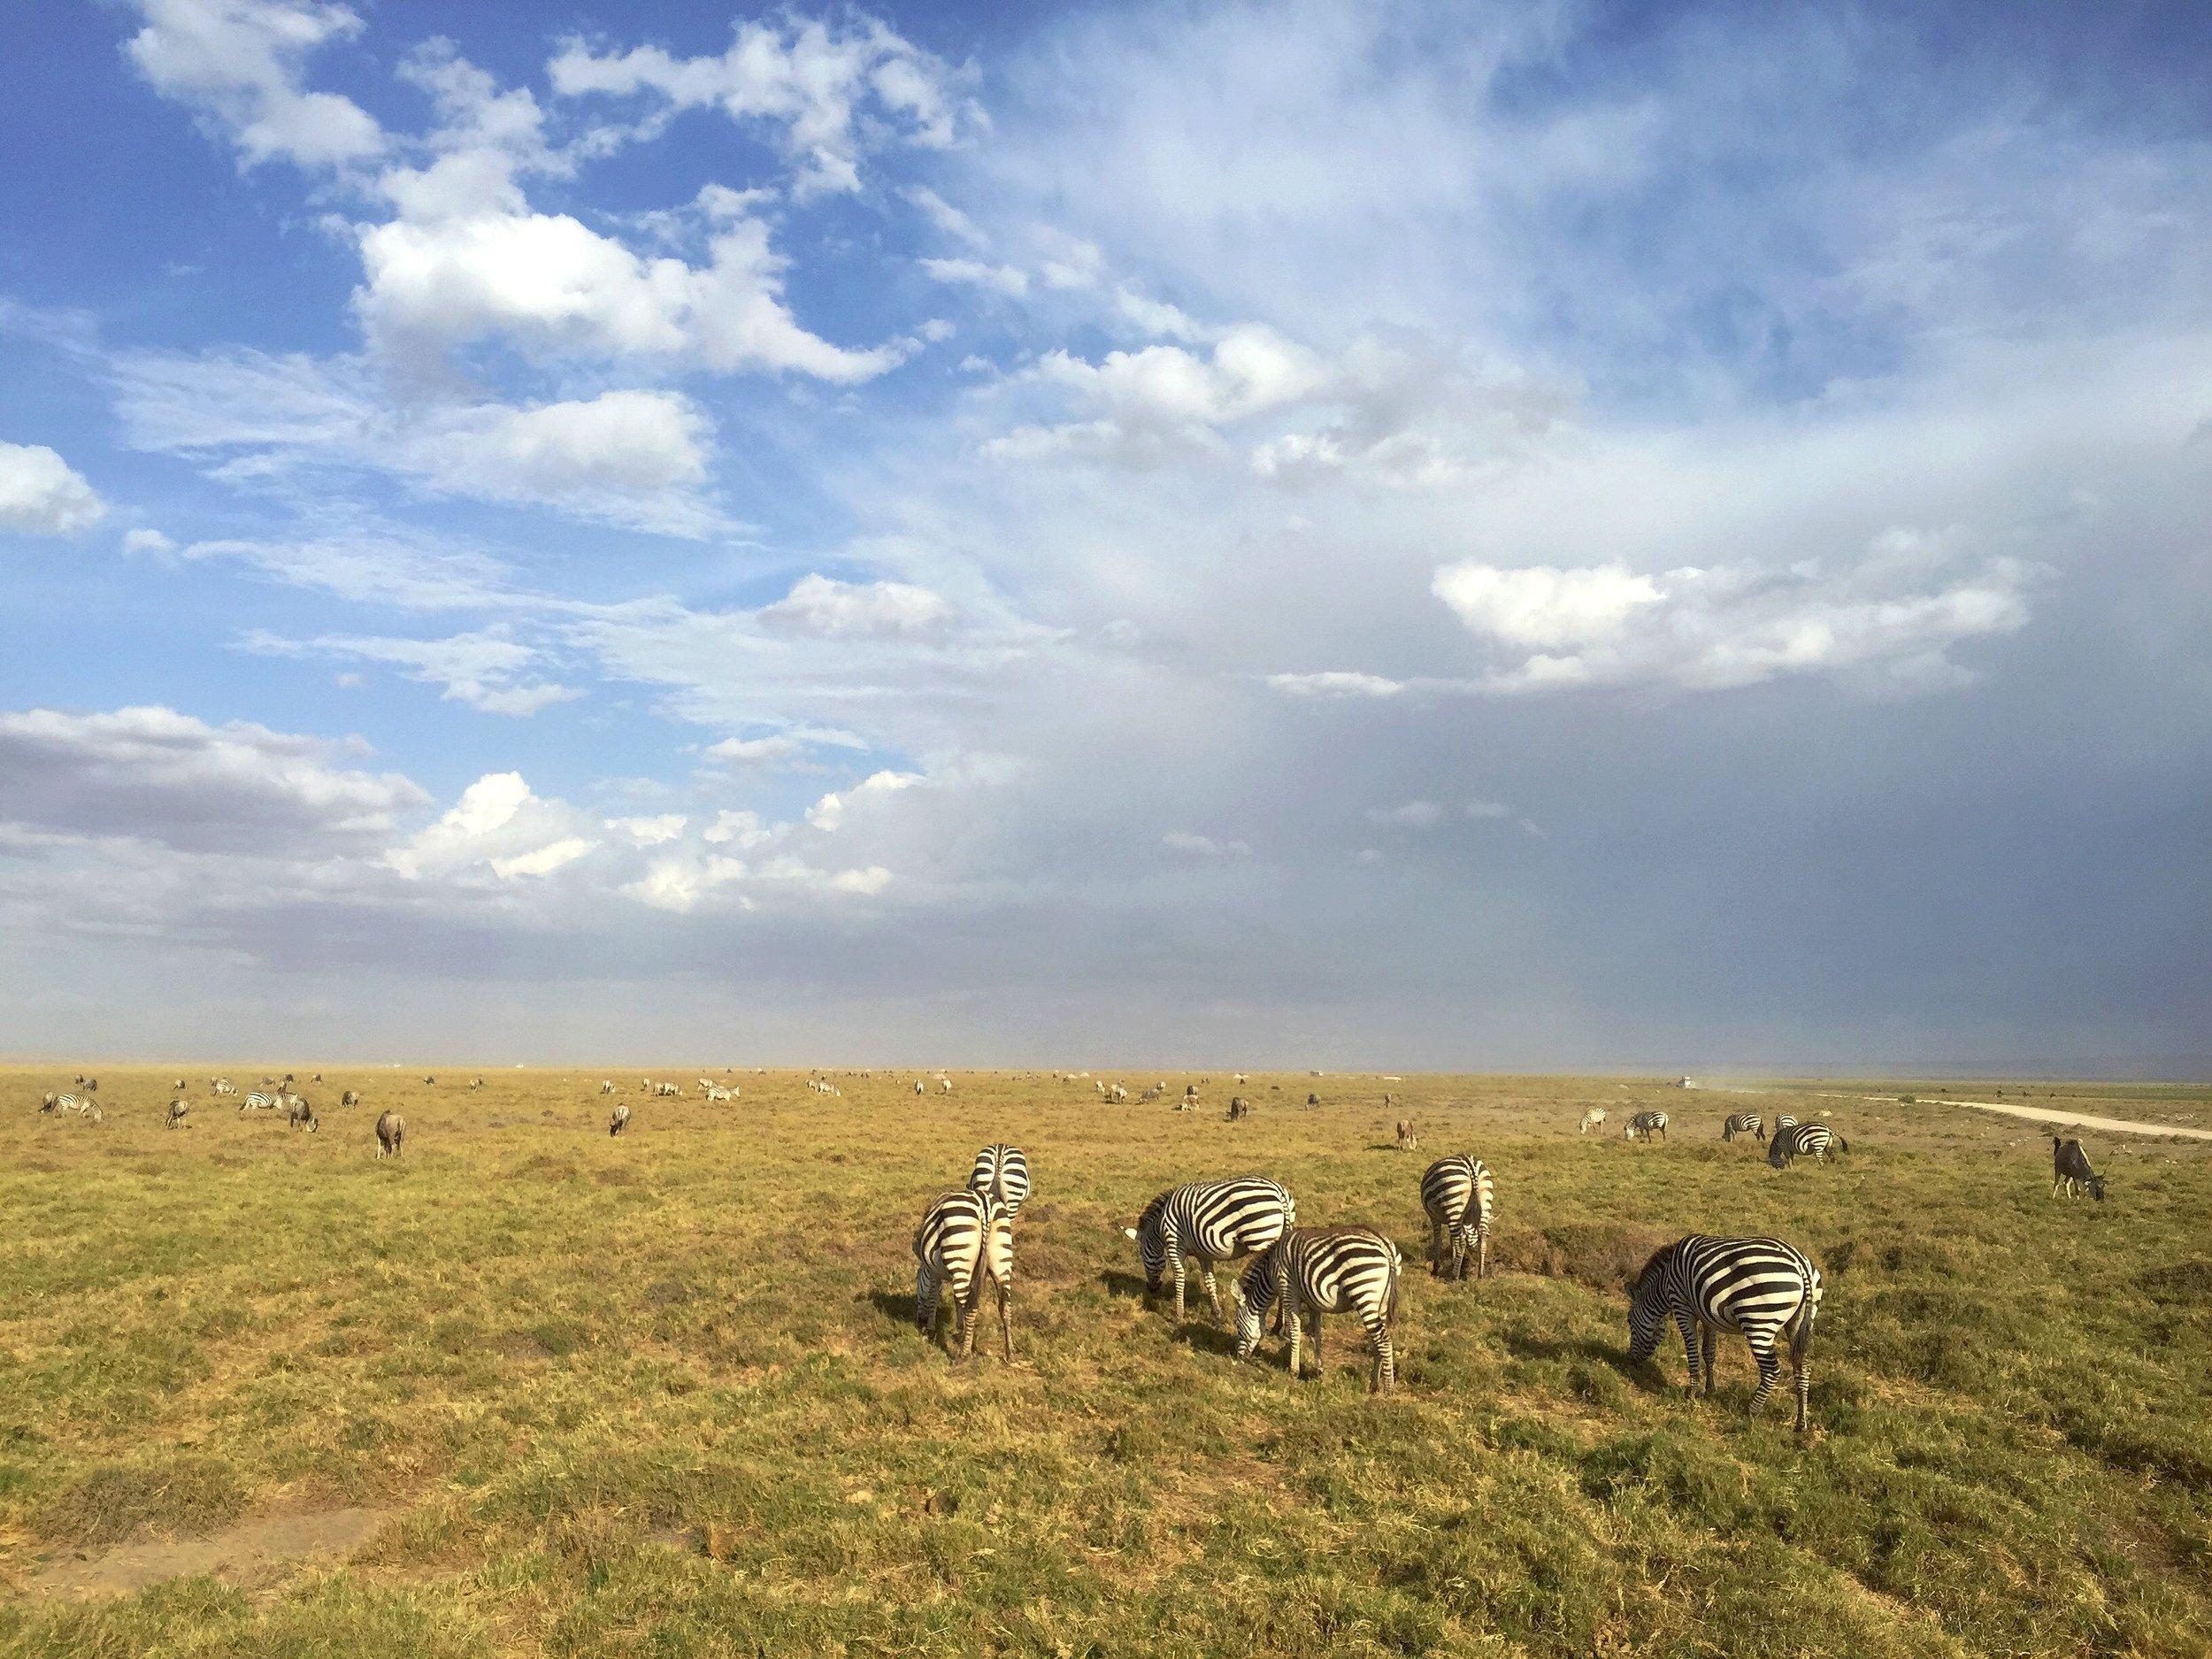 Family of Zebras, Amboseli Safari Park, Kenya